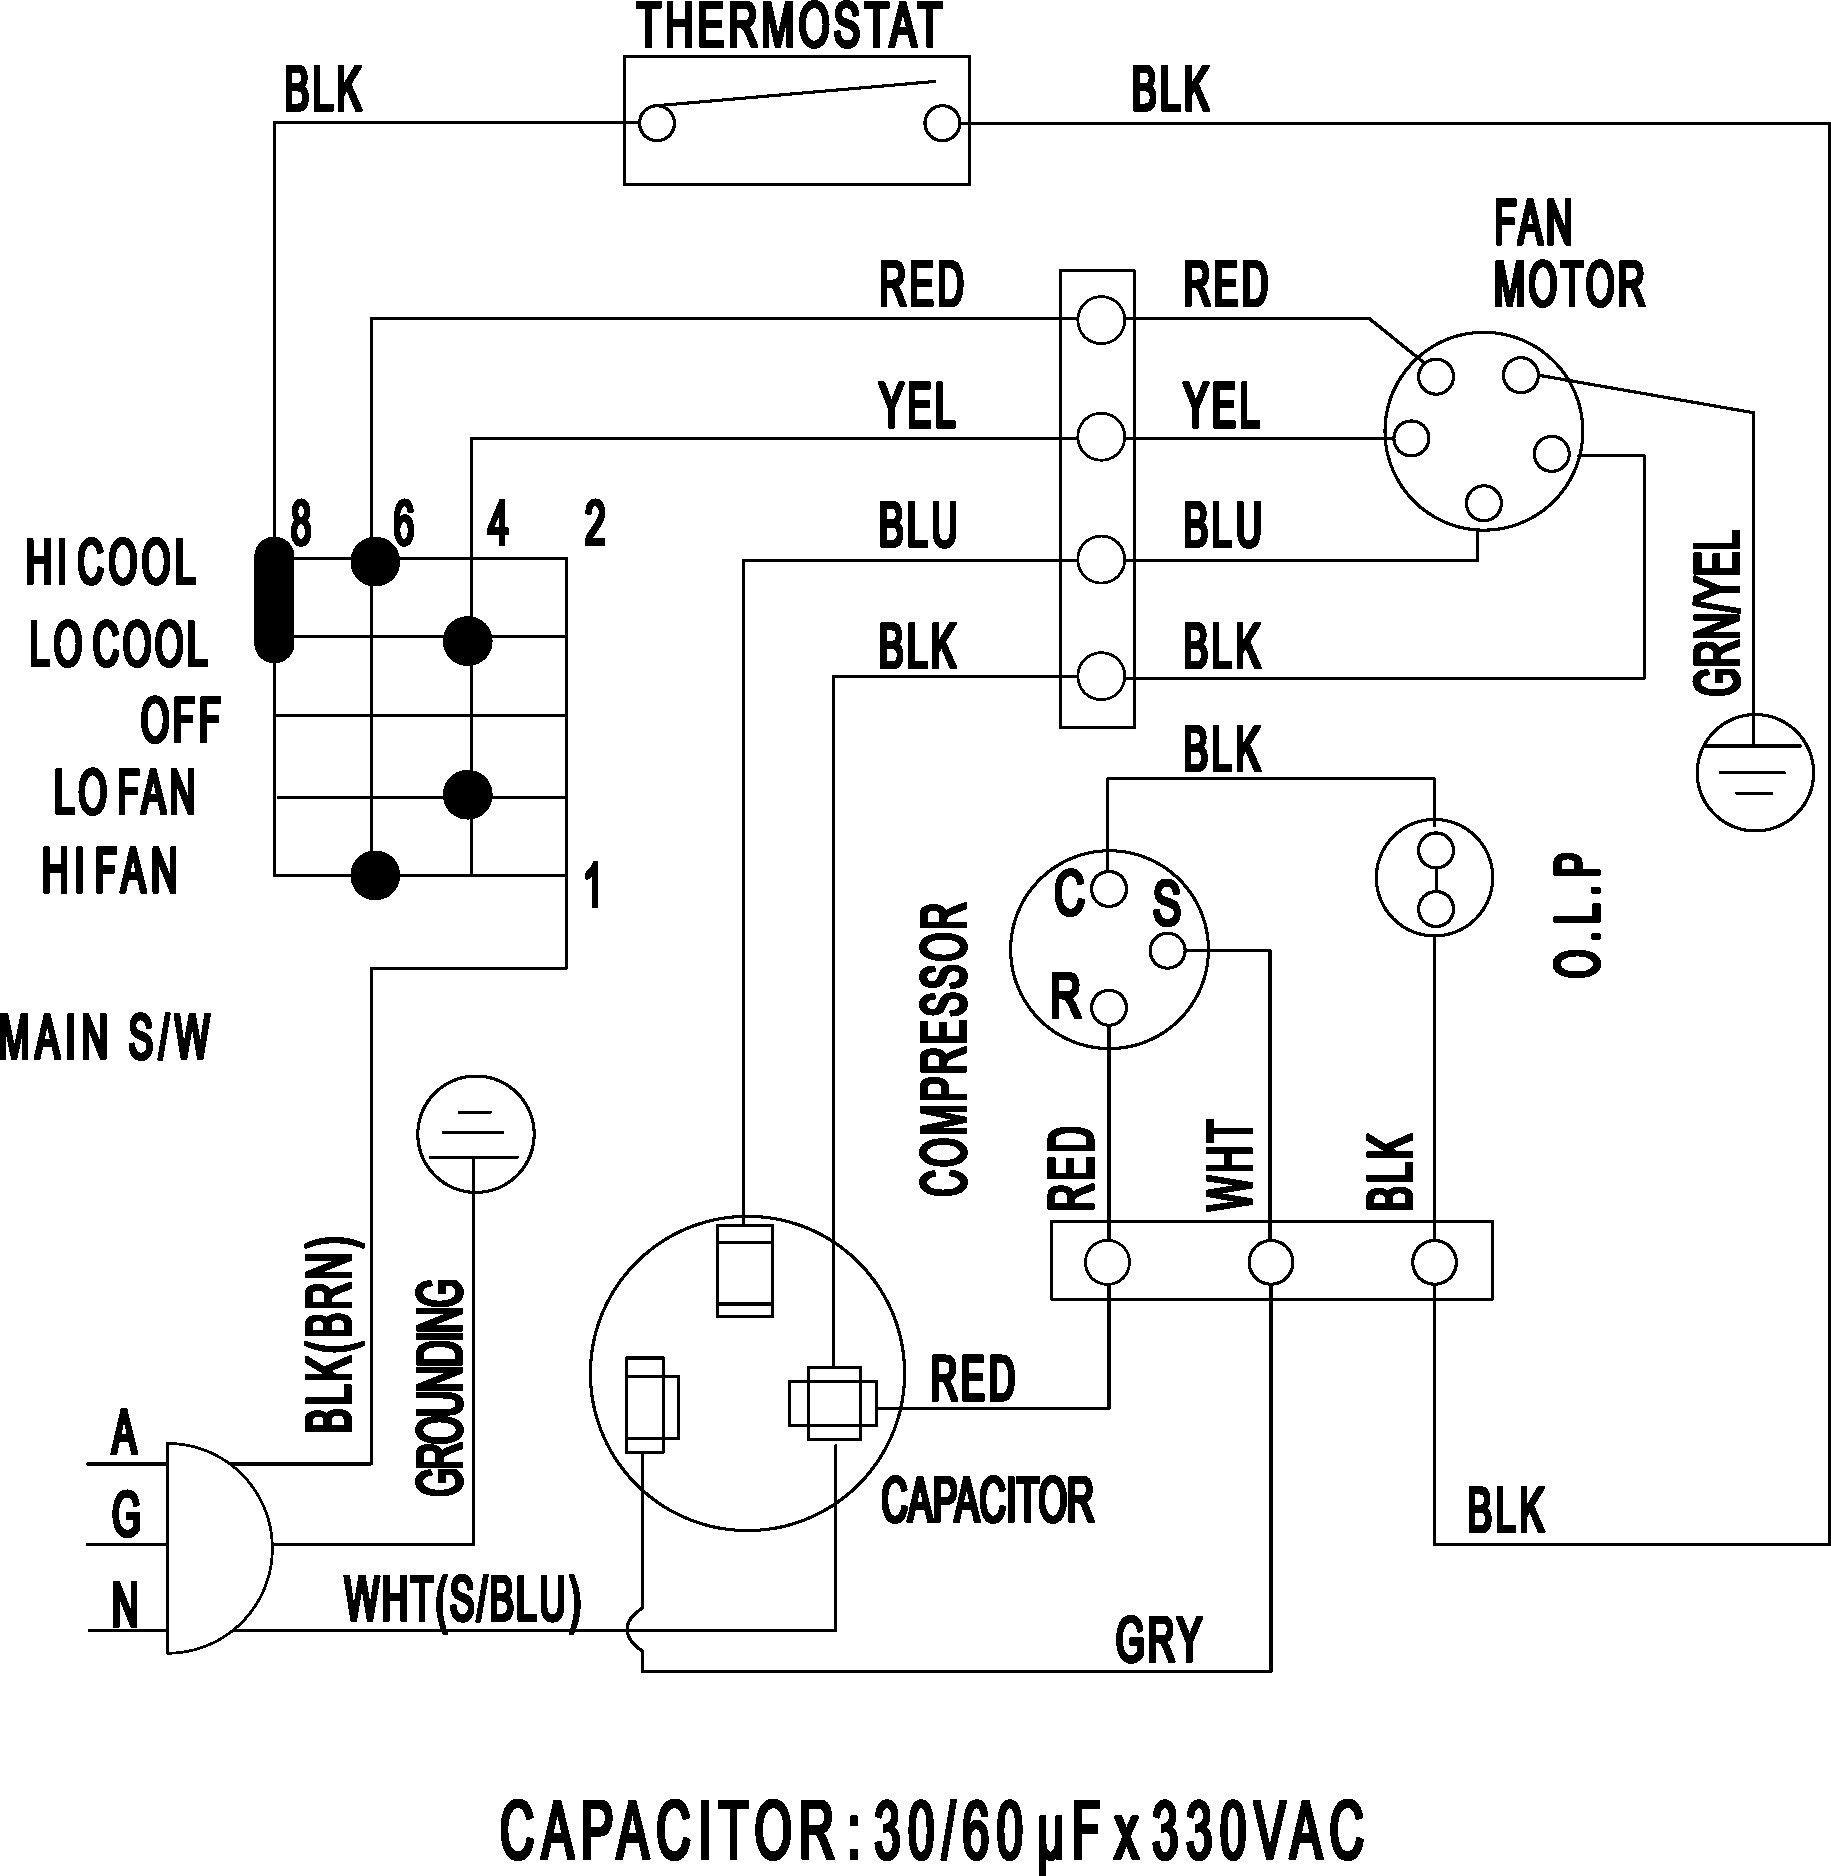 wiring aac condensing unit car fuse box wiring diagram u2022 rh smjockey co ac unit wiring